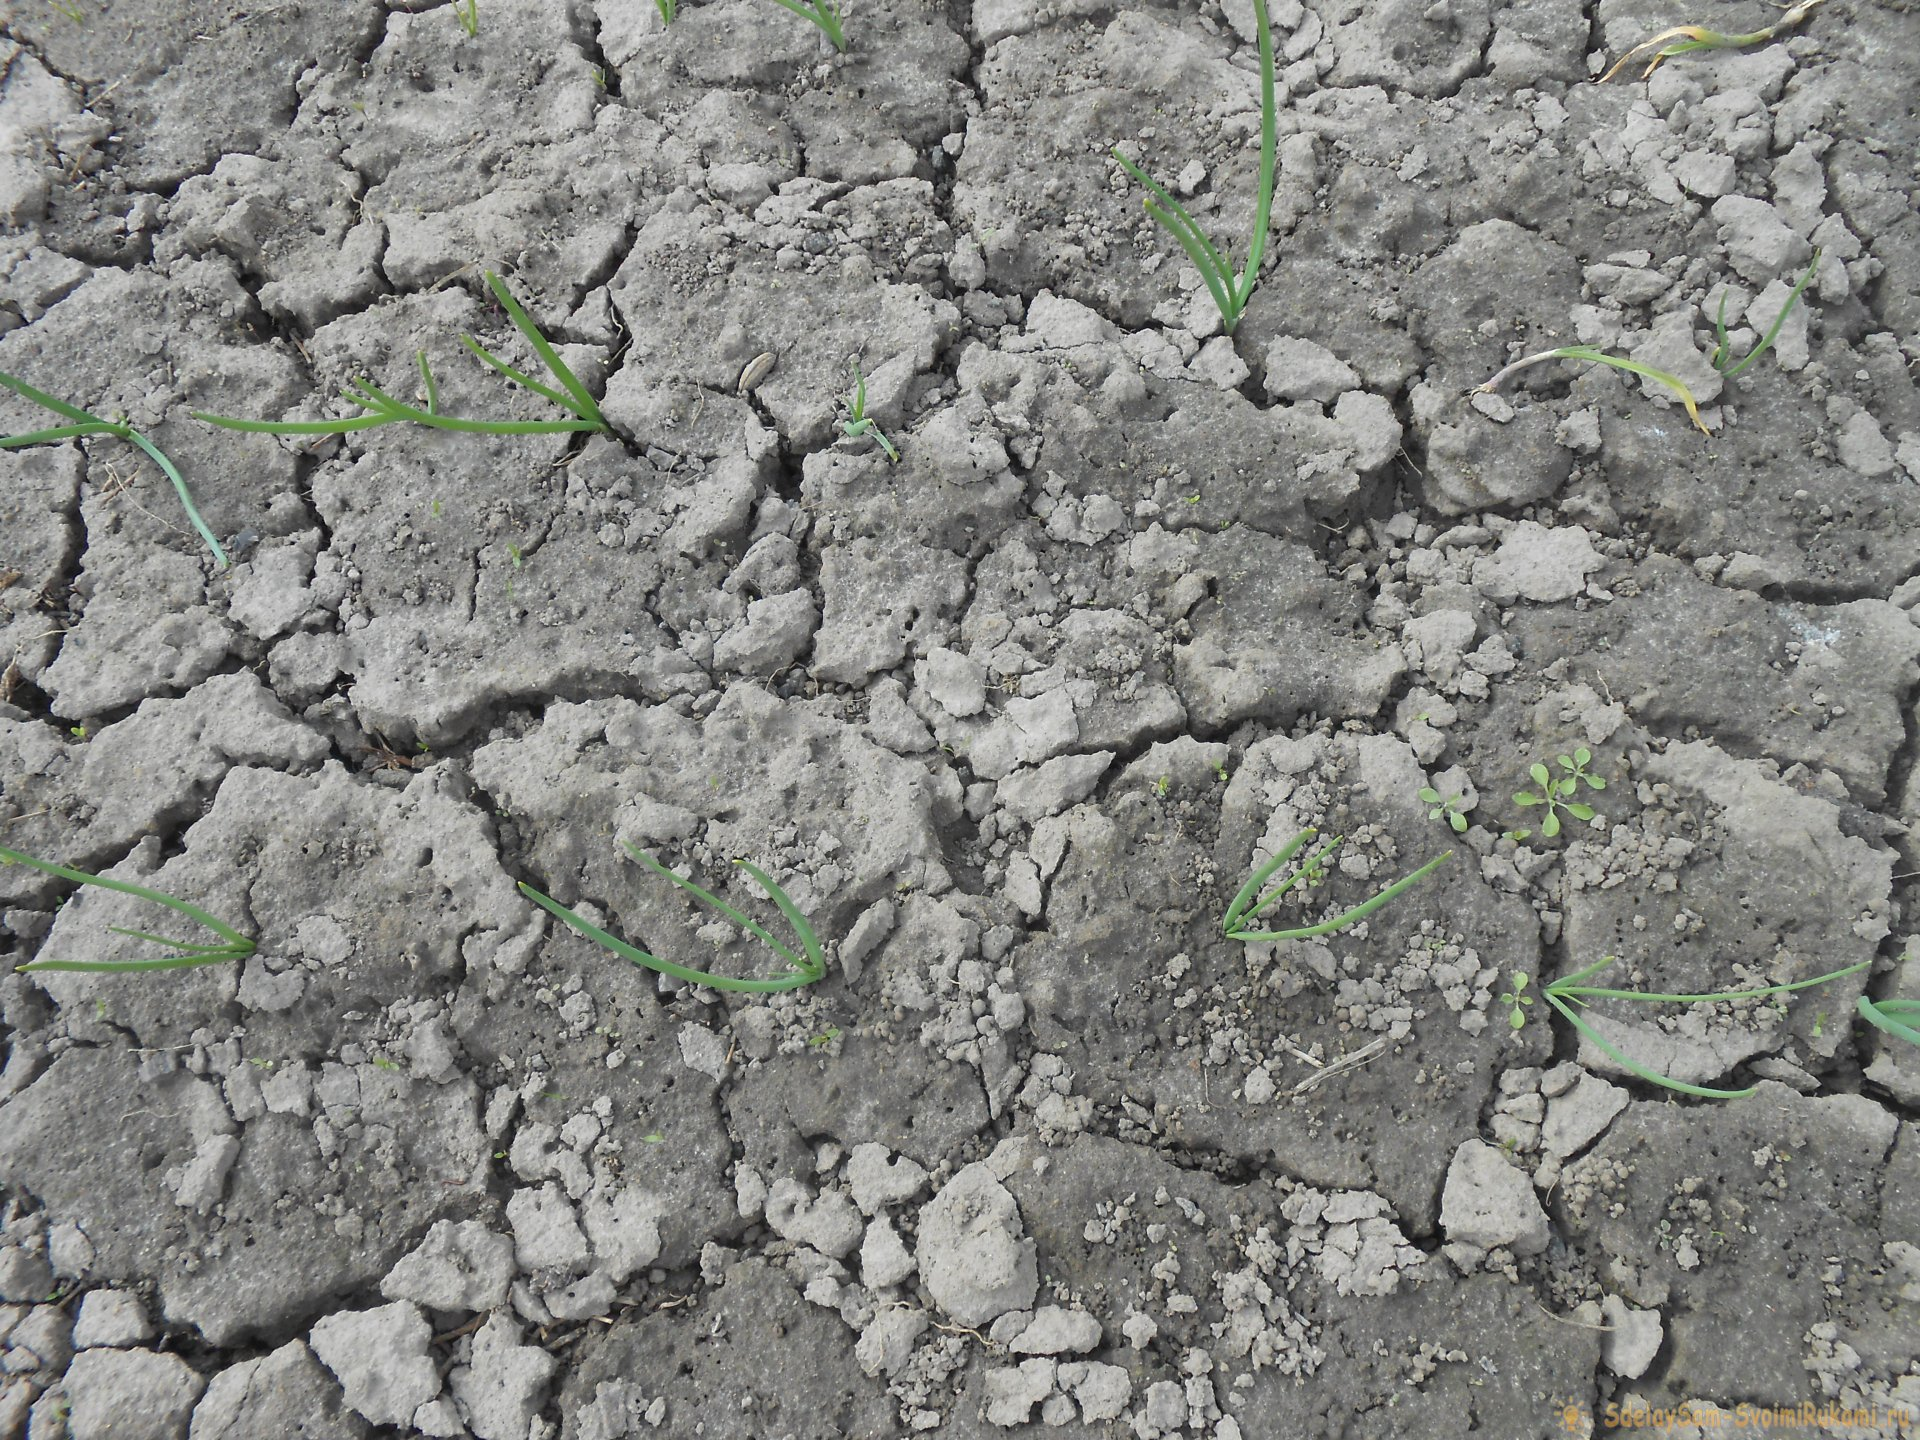 Подкормка чеснока в мае для большого урожая. Закваска для улучшения микробиологической обстановки в почве